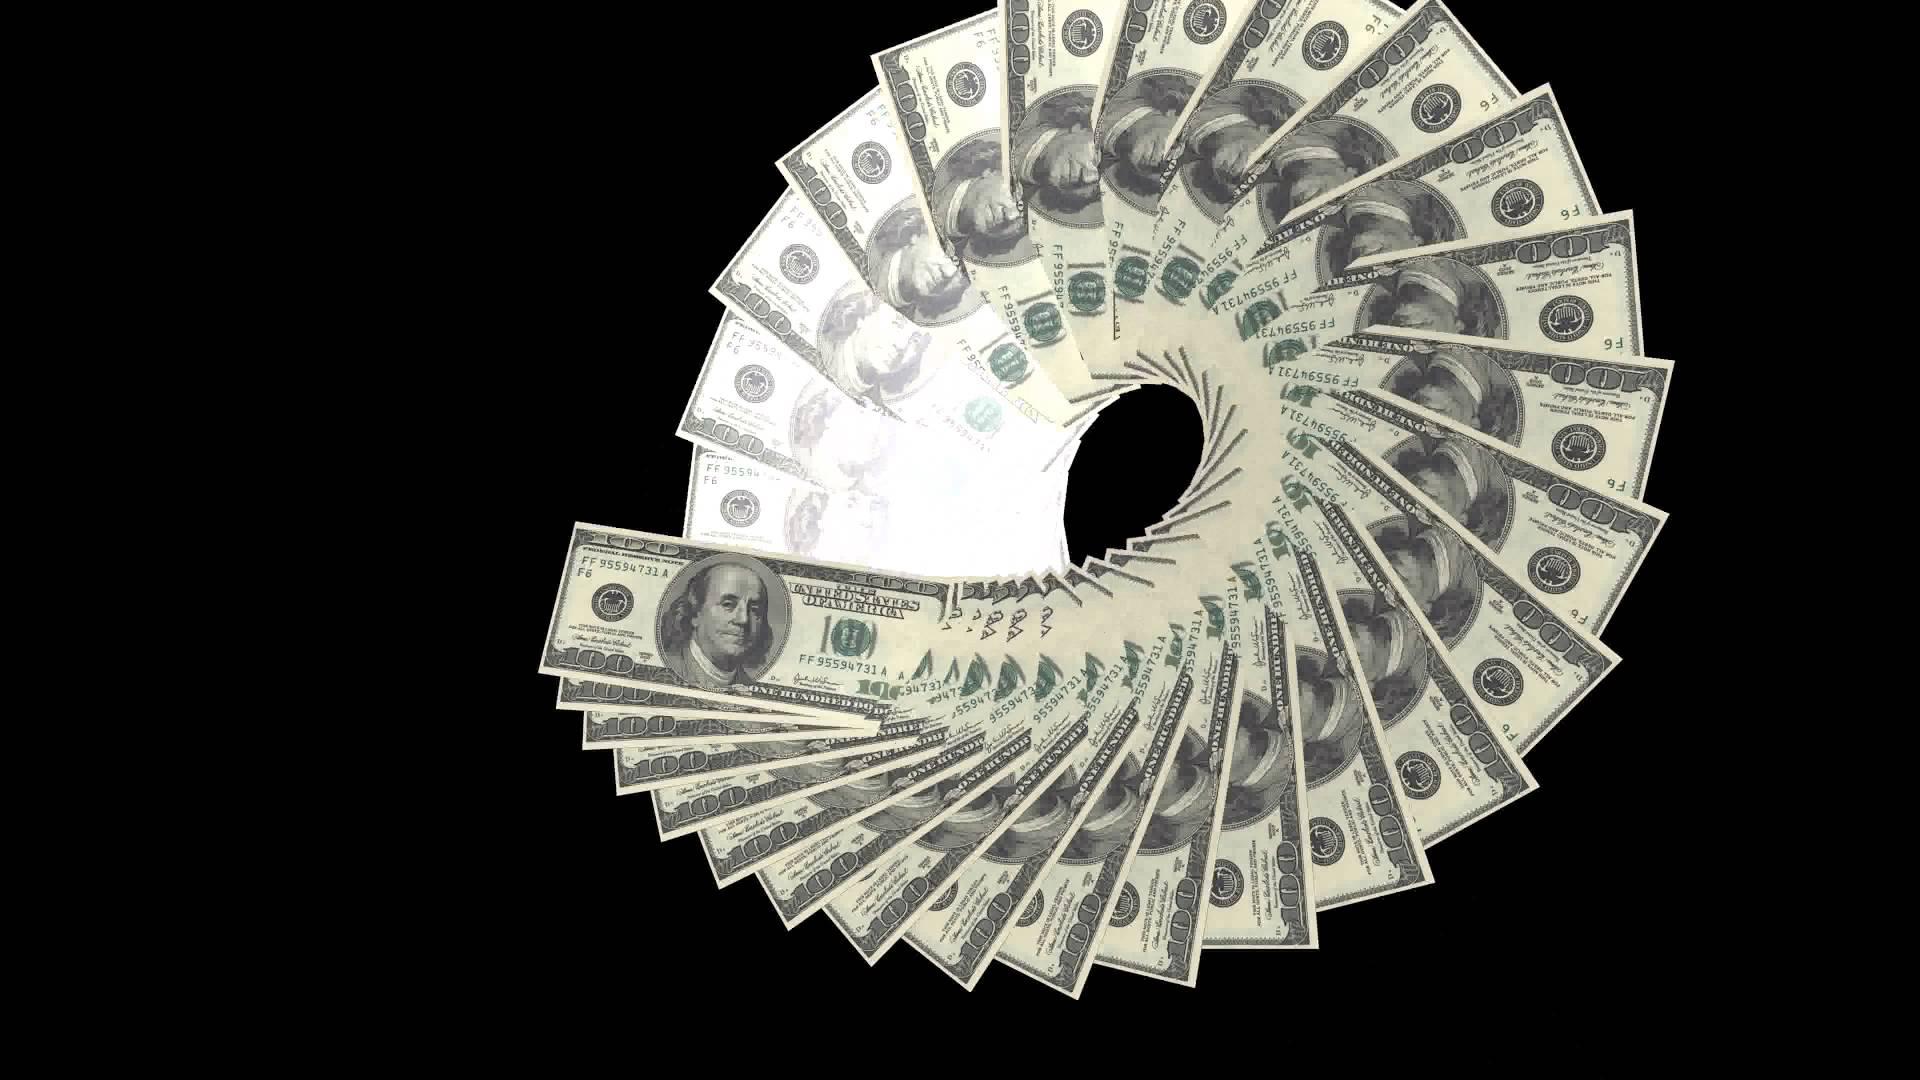 Hình ảnh về tiền dola